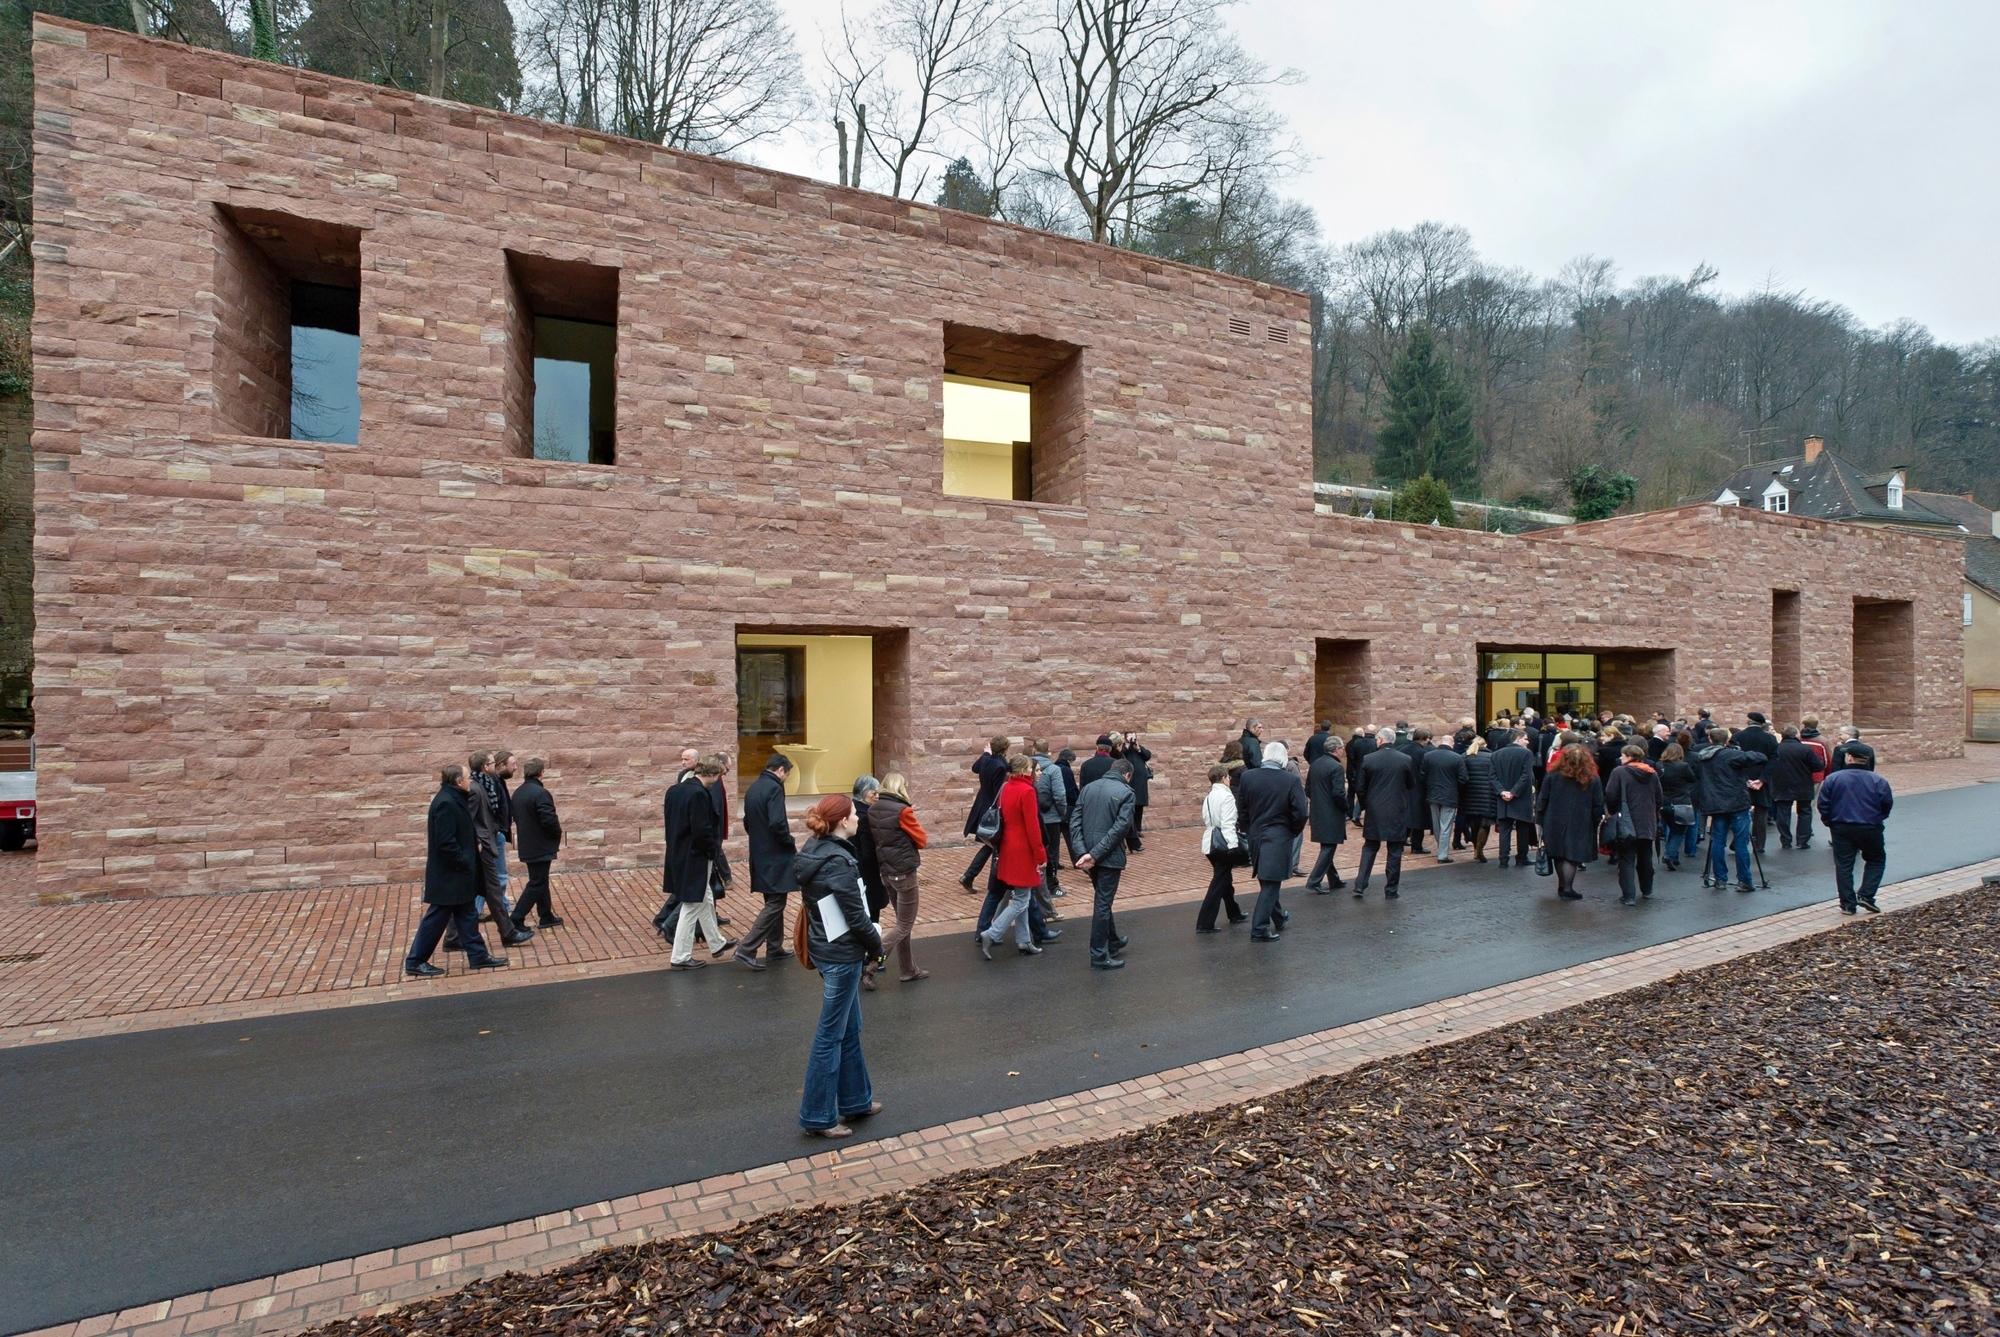 Nun hat das Heidelberger Schloss ein neues Besucherzentrum: Der Bau von Architekt Max Dudler aus Berlin wurde jetzt eröffnet.  Bild: Philipp Rothe, 23.02.2012